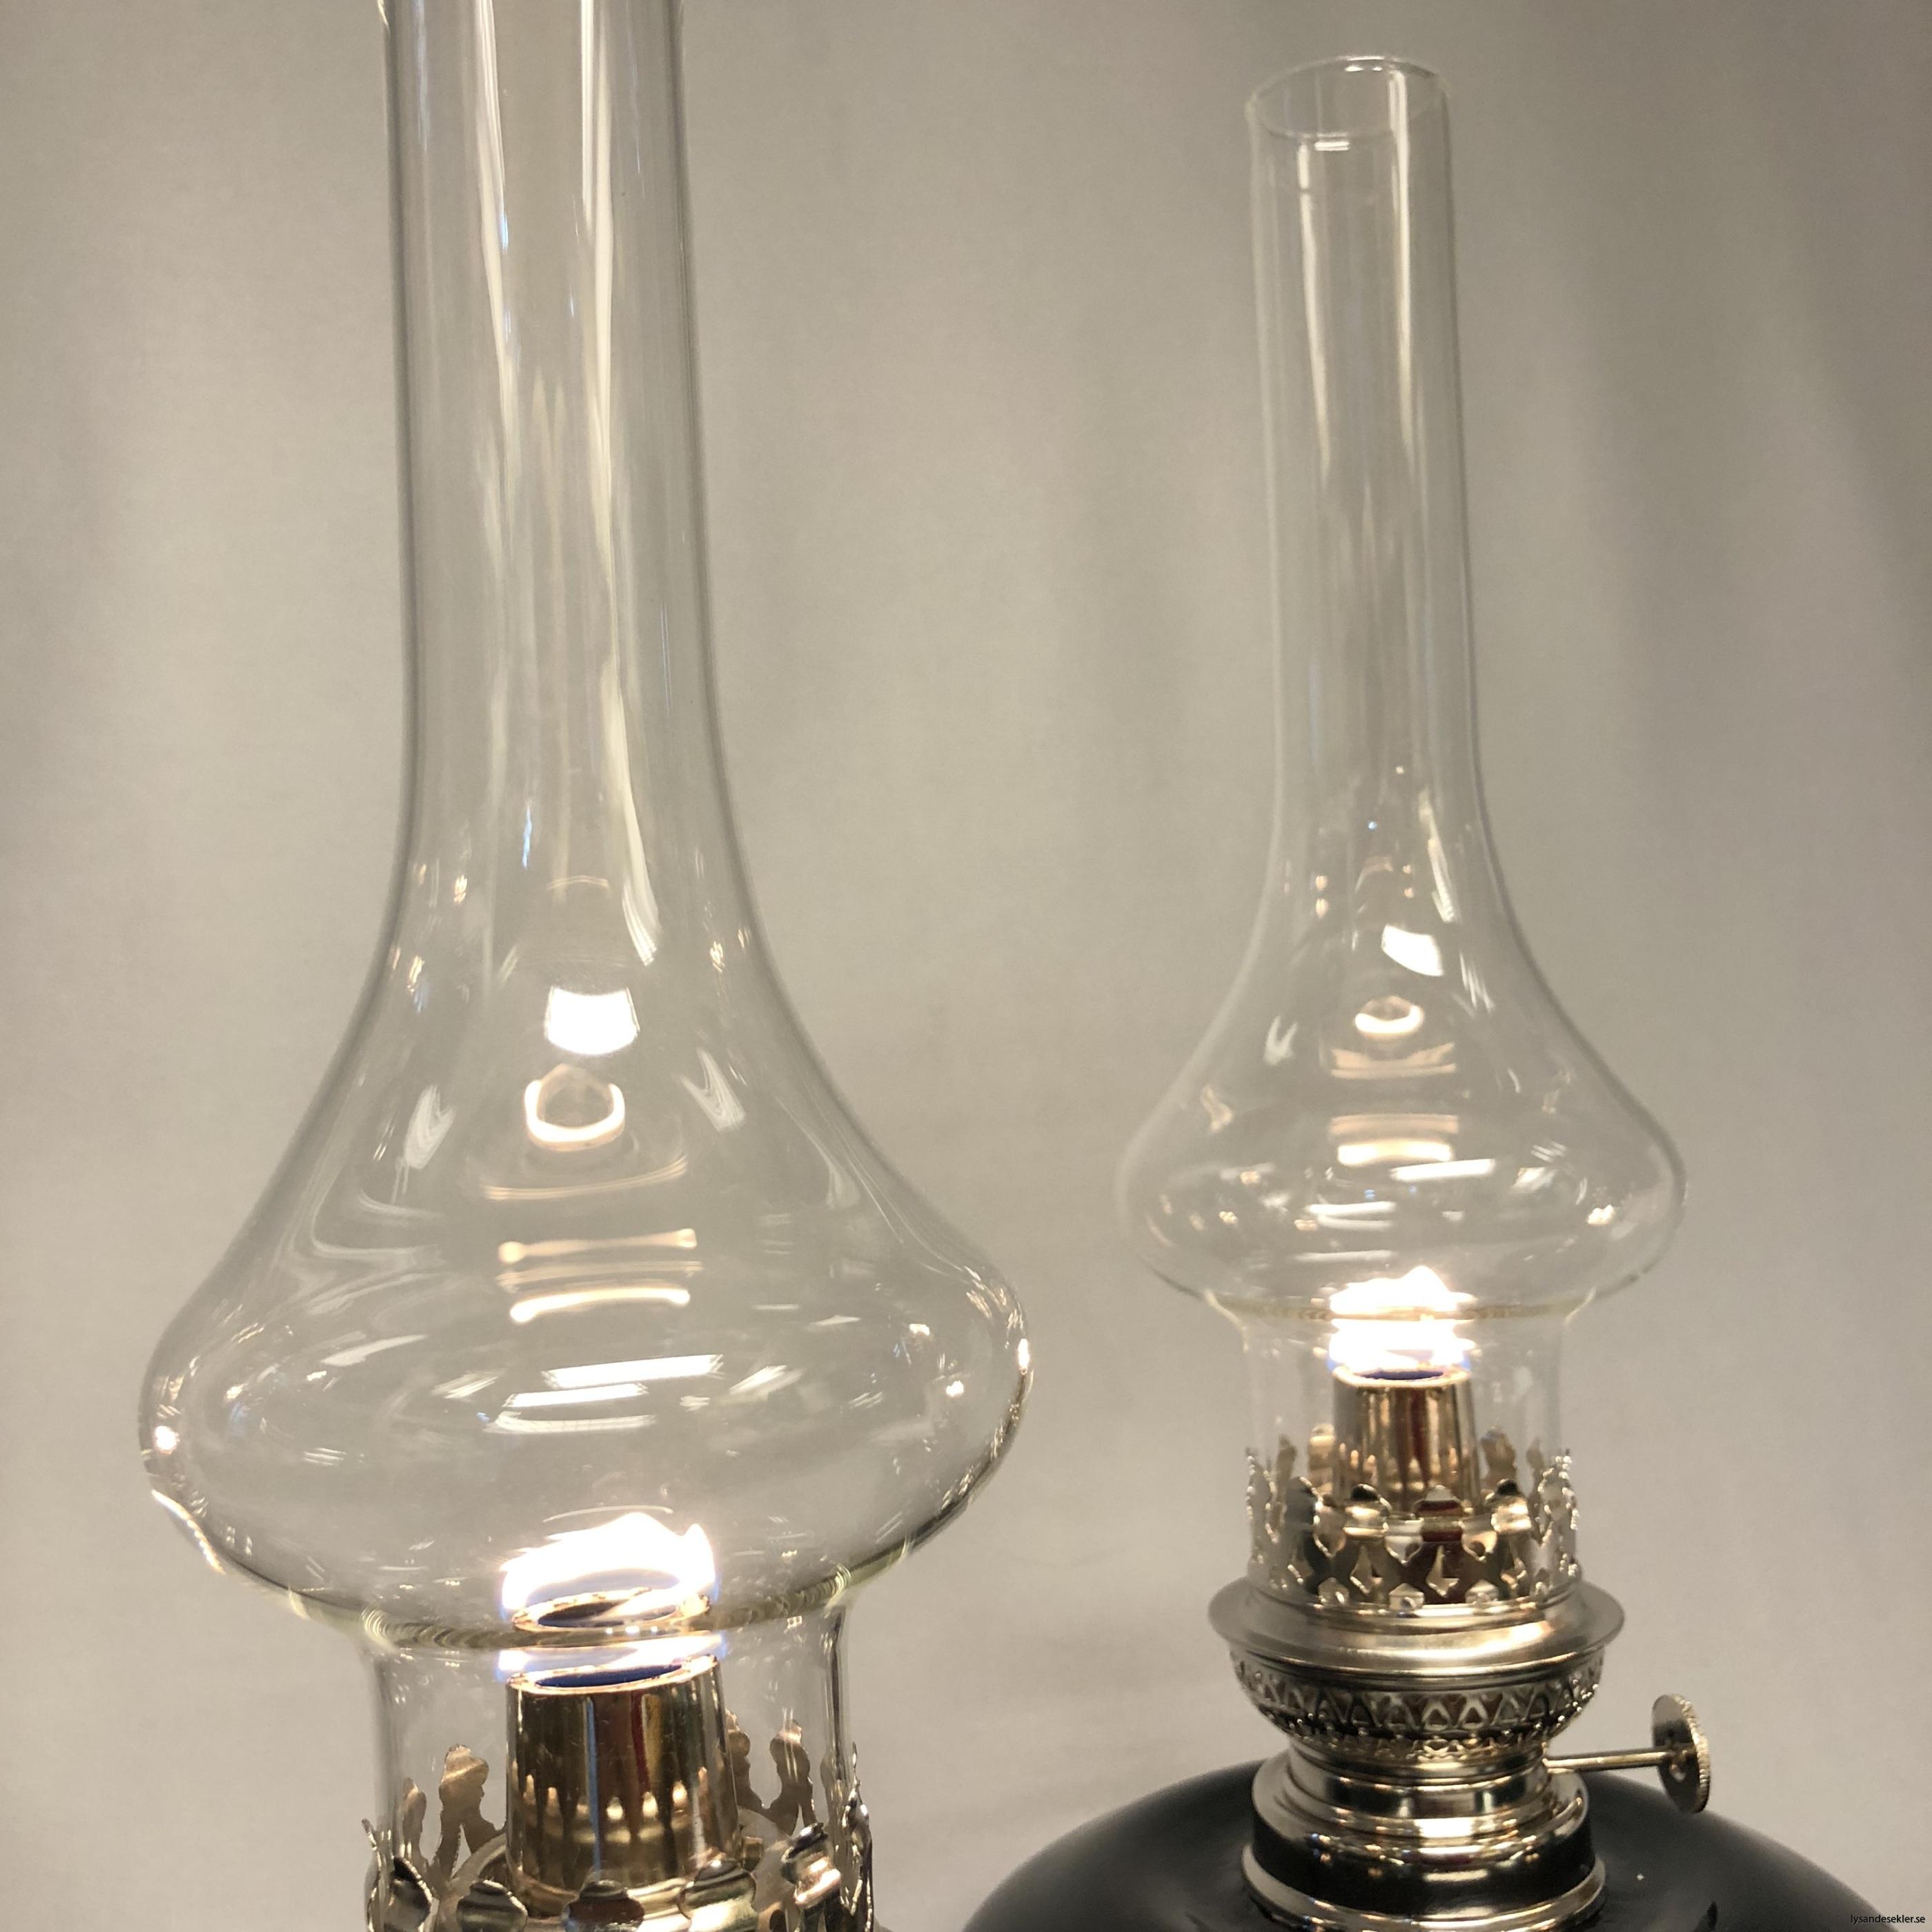 fotogenlampa fotogenlampor oljelampa oljelampor renoverad antik antikvitet39